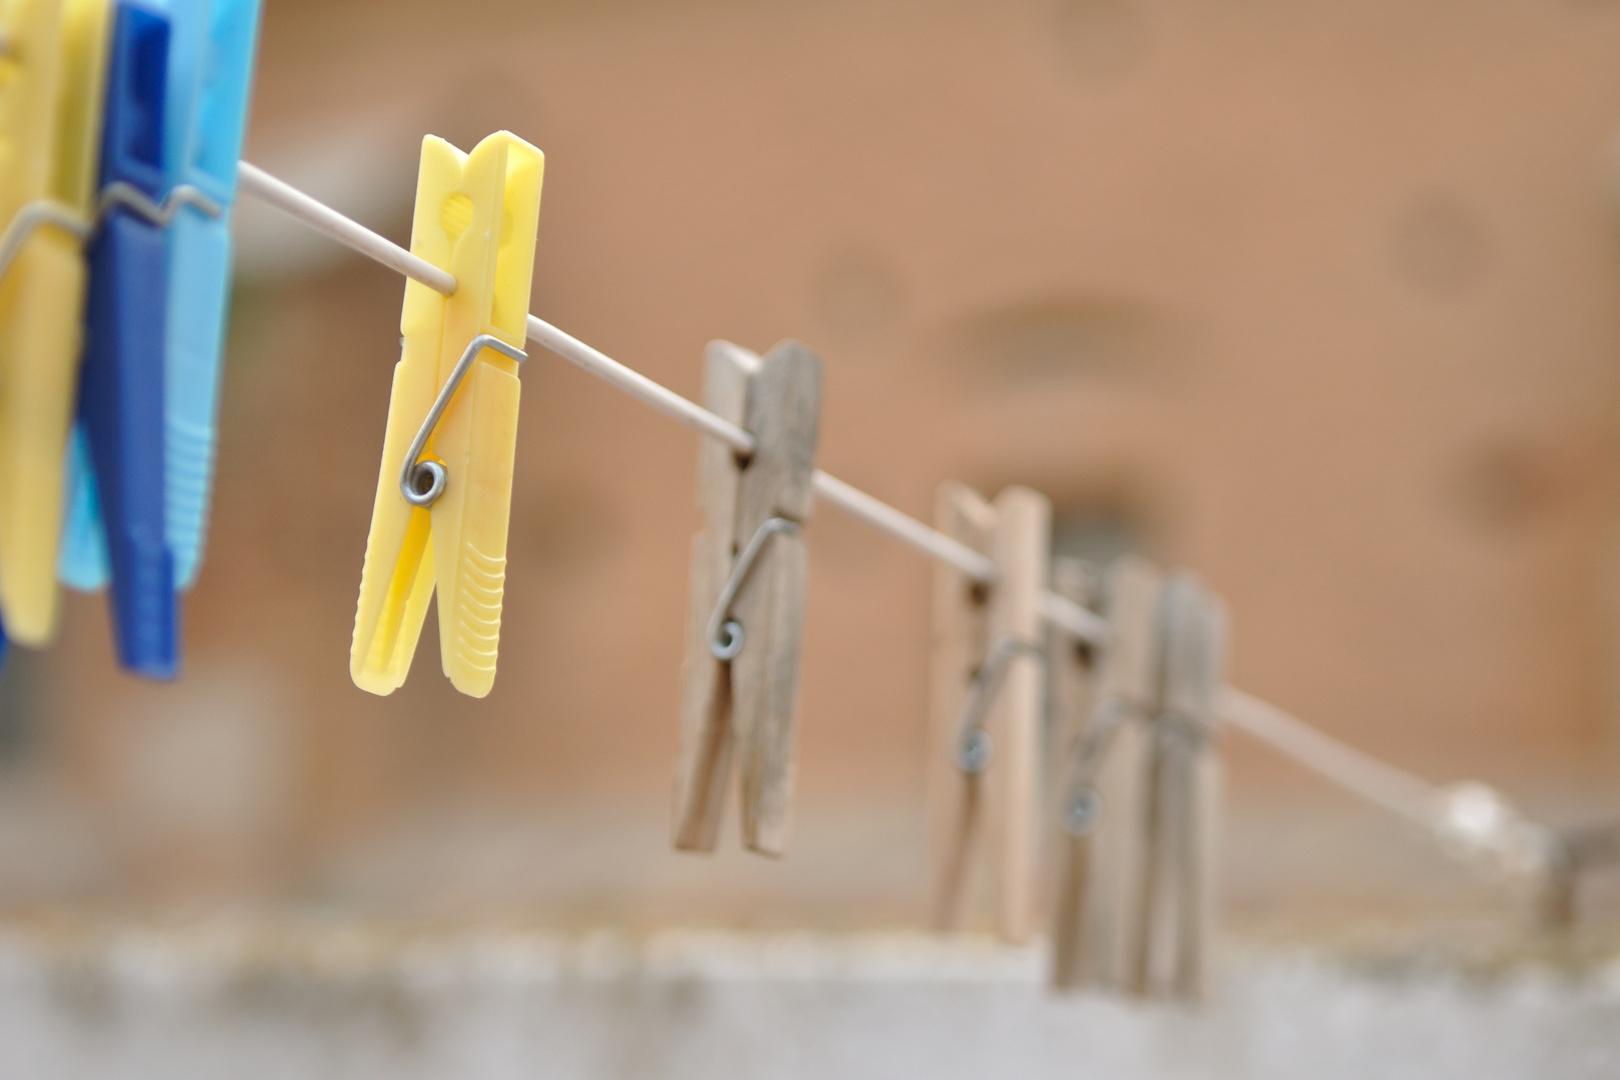 Wäscheleine hinter der Kirche